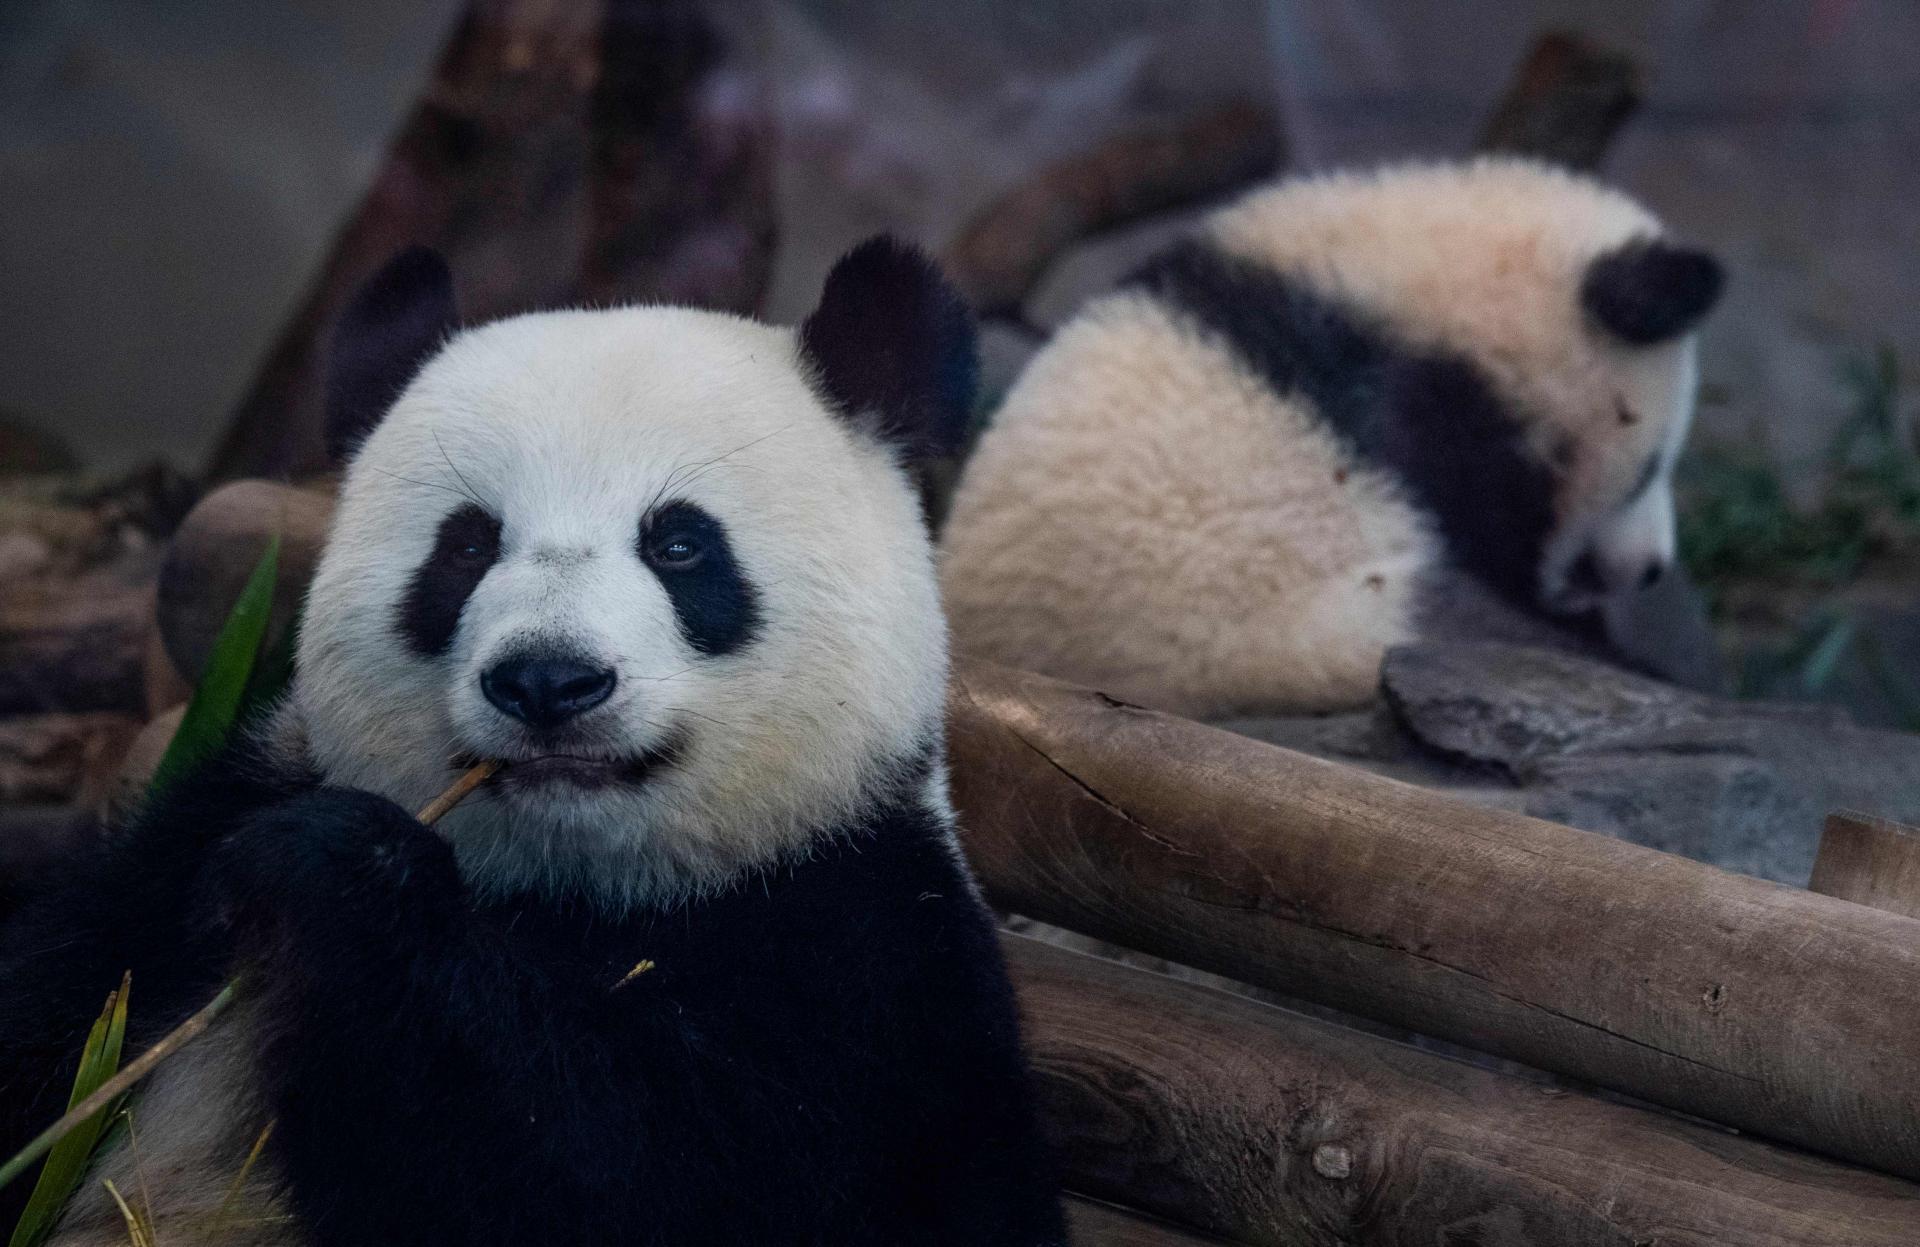 Панда Мэн Мэн родила близнецов в зоопарке  Берлина